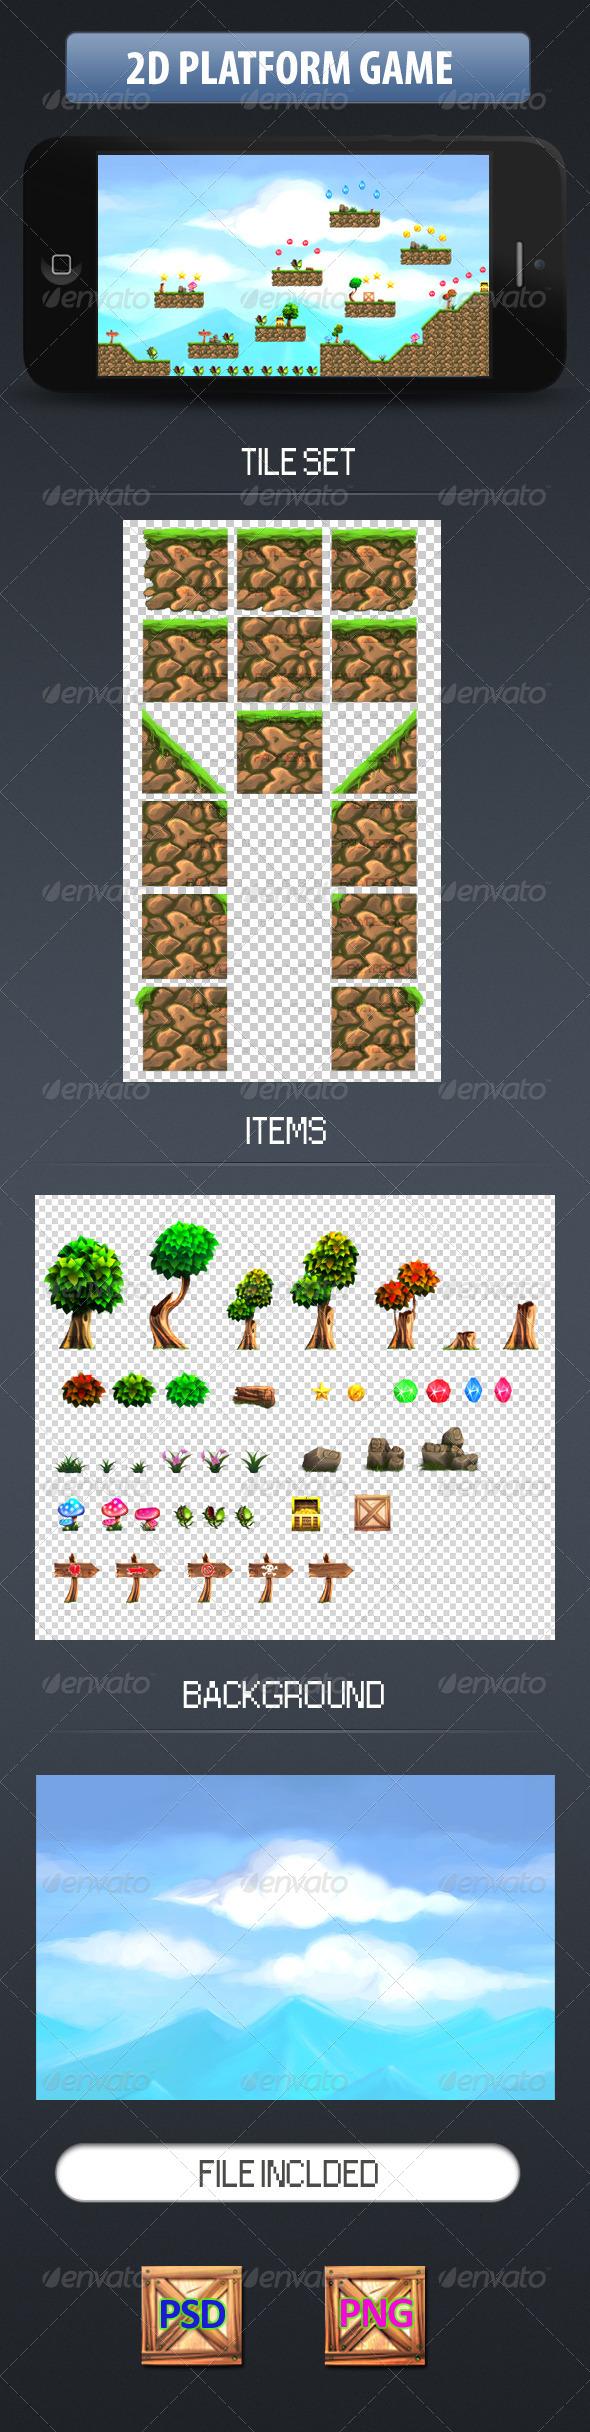 GraphicRiver 2D Tileset Platform Game 7748001